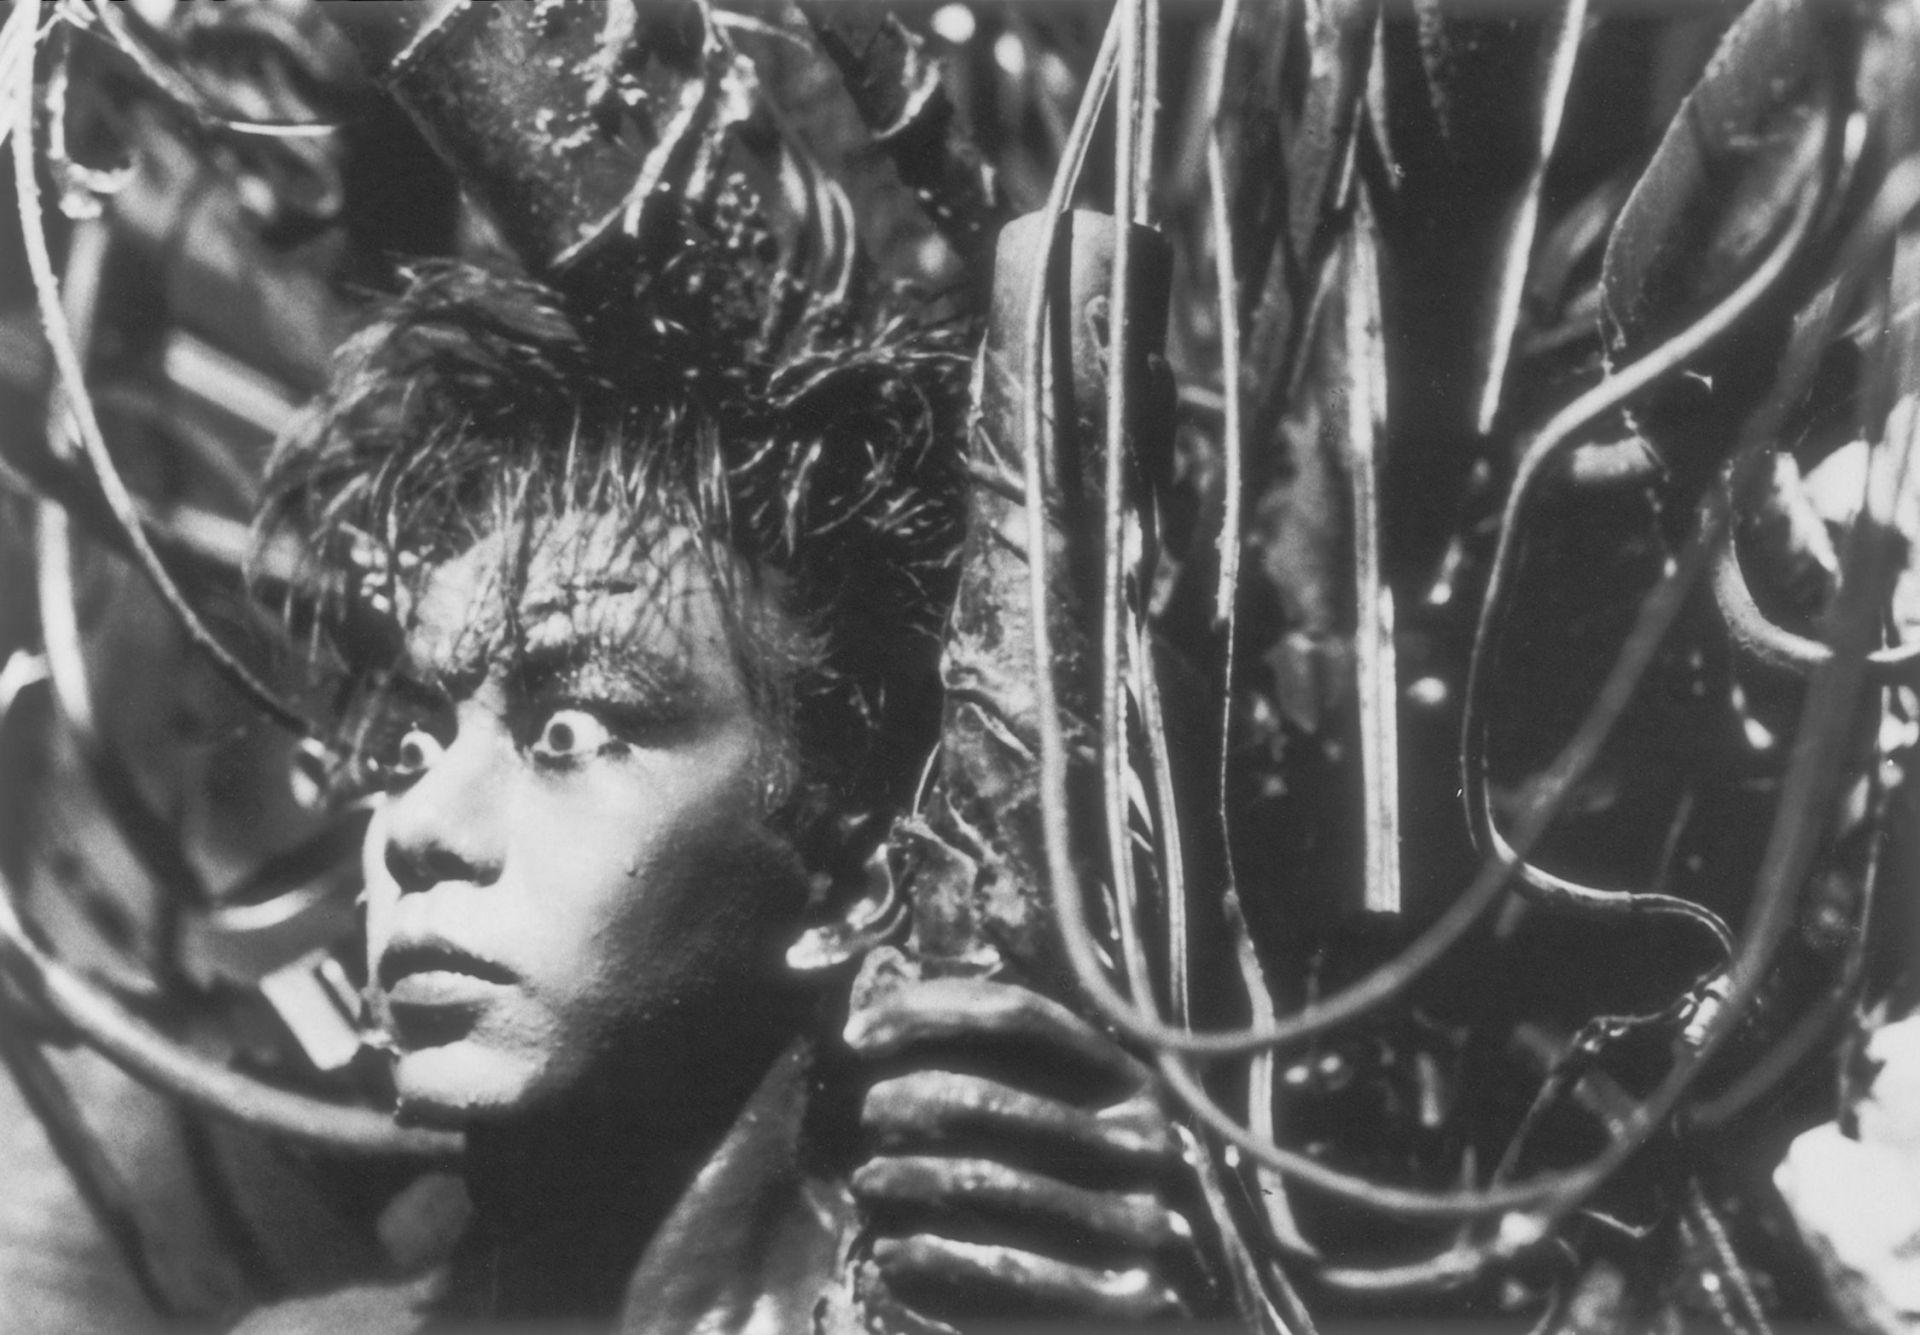 """Tetsuo puede que esta sea una de las películas más perturbadoras de la ciencia-ficción. No solo es uno de los mayores exponentes del cine independiente japonés, también se trata de un vistazo al interior de una de las mentes creativas más oscuras de los años 90. Un hombre se clava trozos de metal en el cuerpo. """"El fetichista del metal"""" encuentra gran placer en hacerlo."""